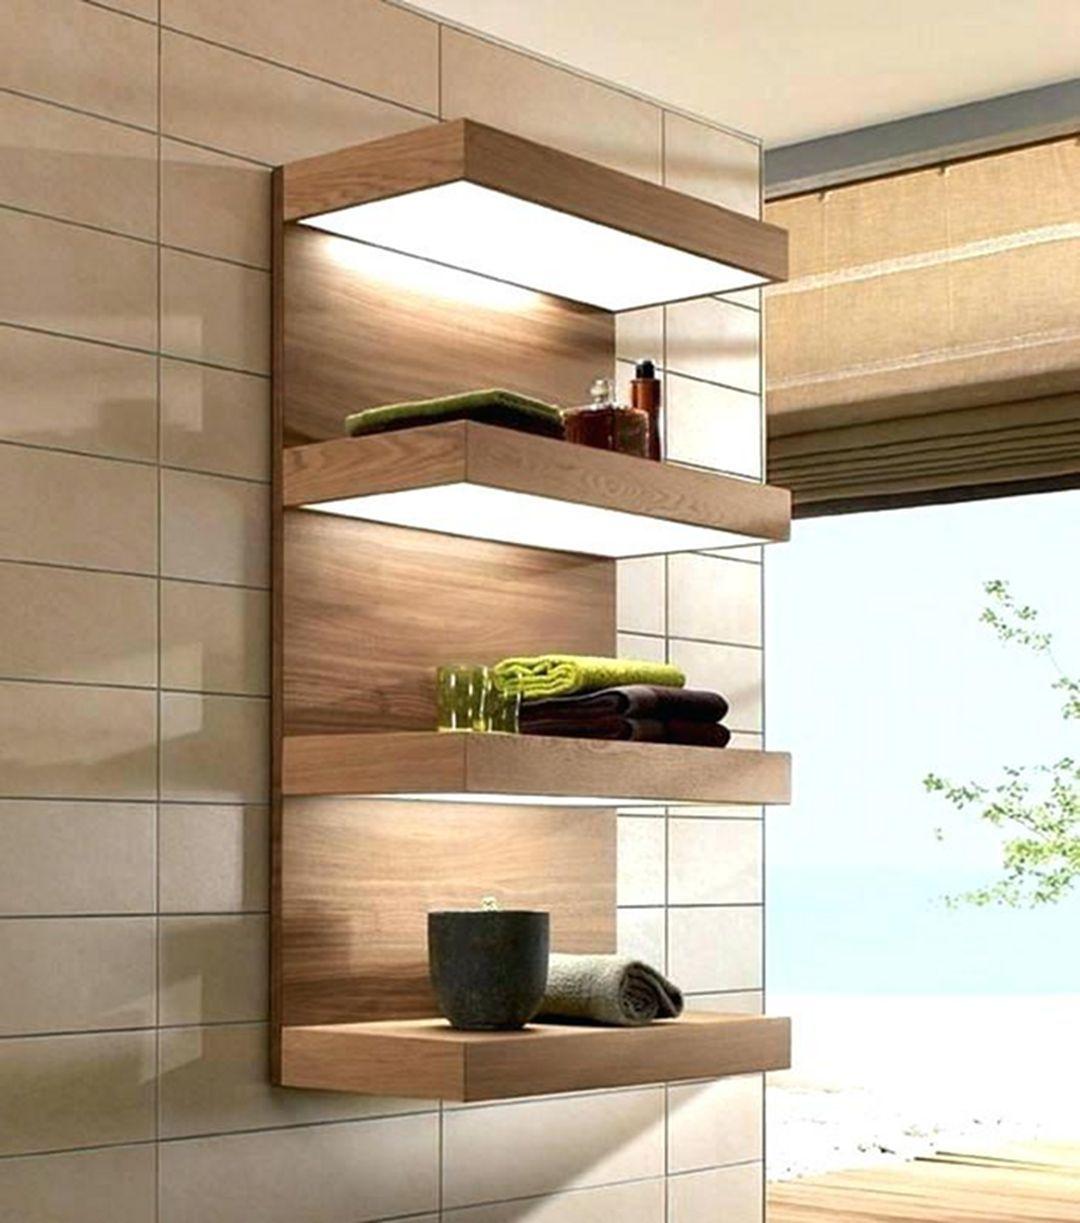 4 Lovely Bathroom Shelves Ideas For More Elegant  Bathroom